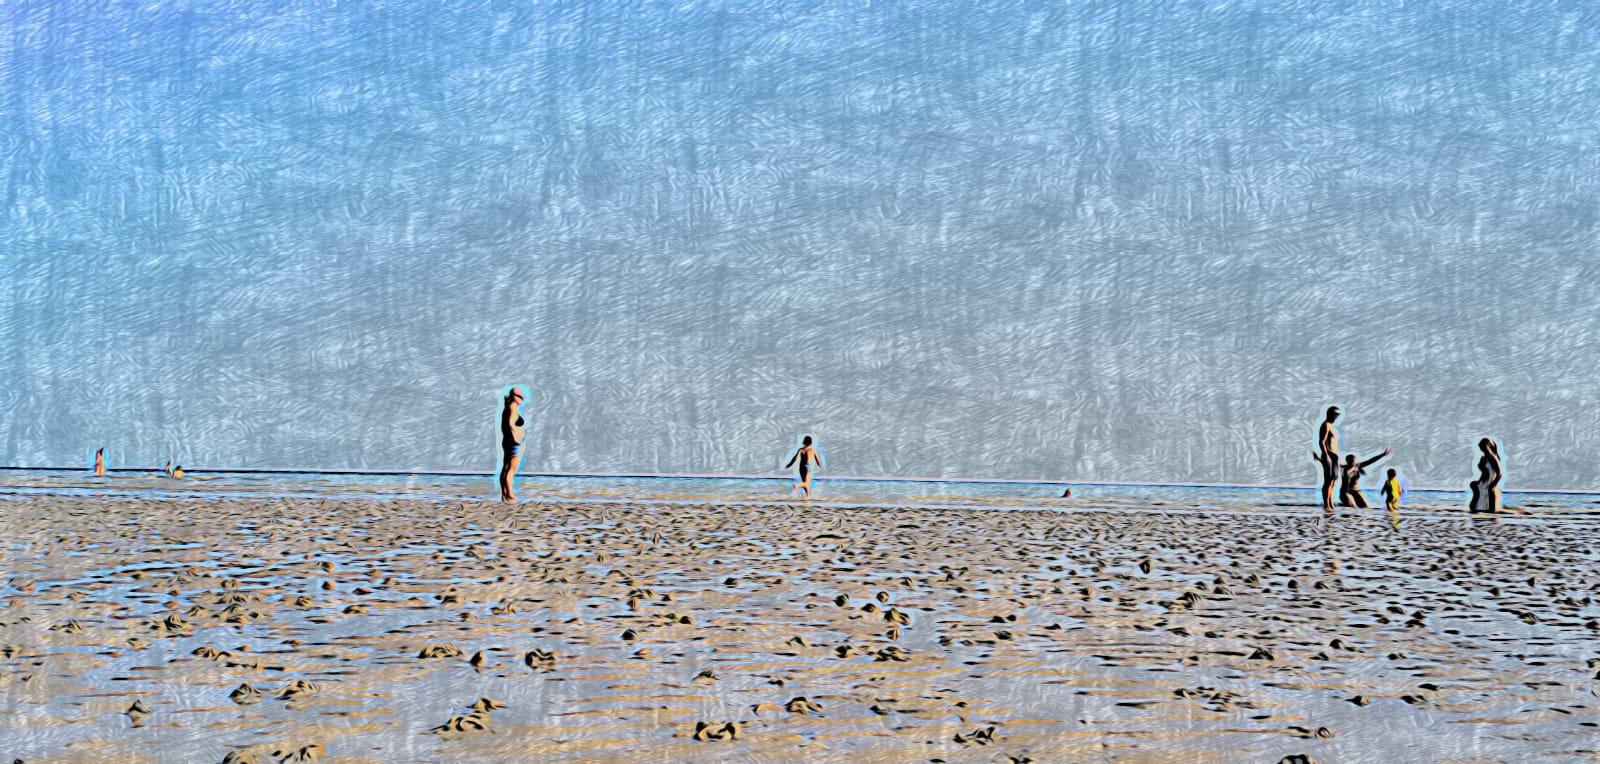 Rez_worthing_beach_horizon